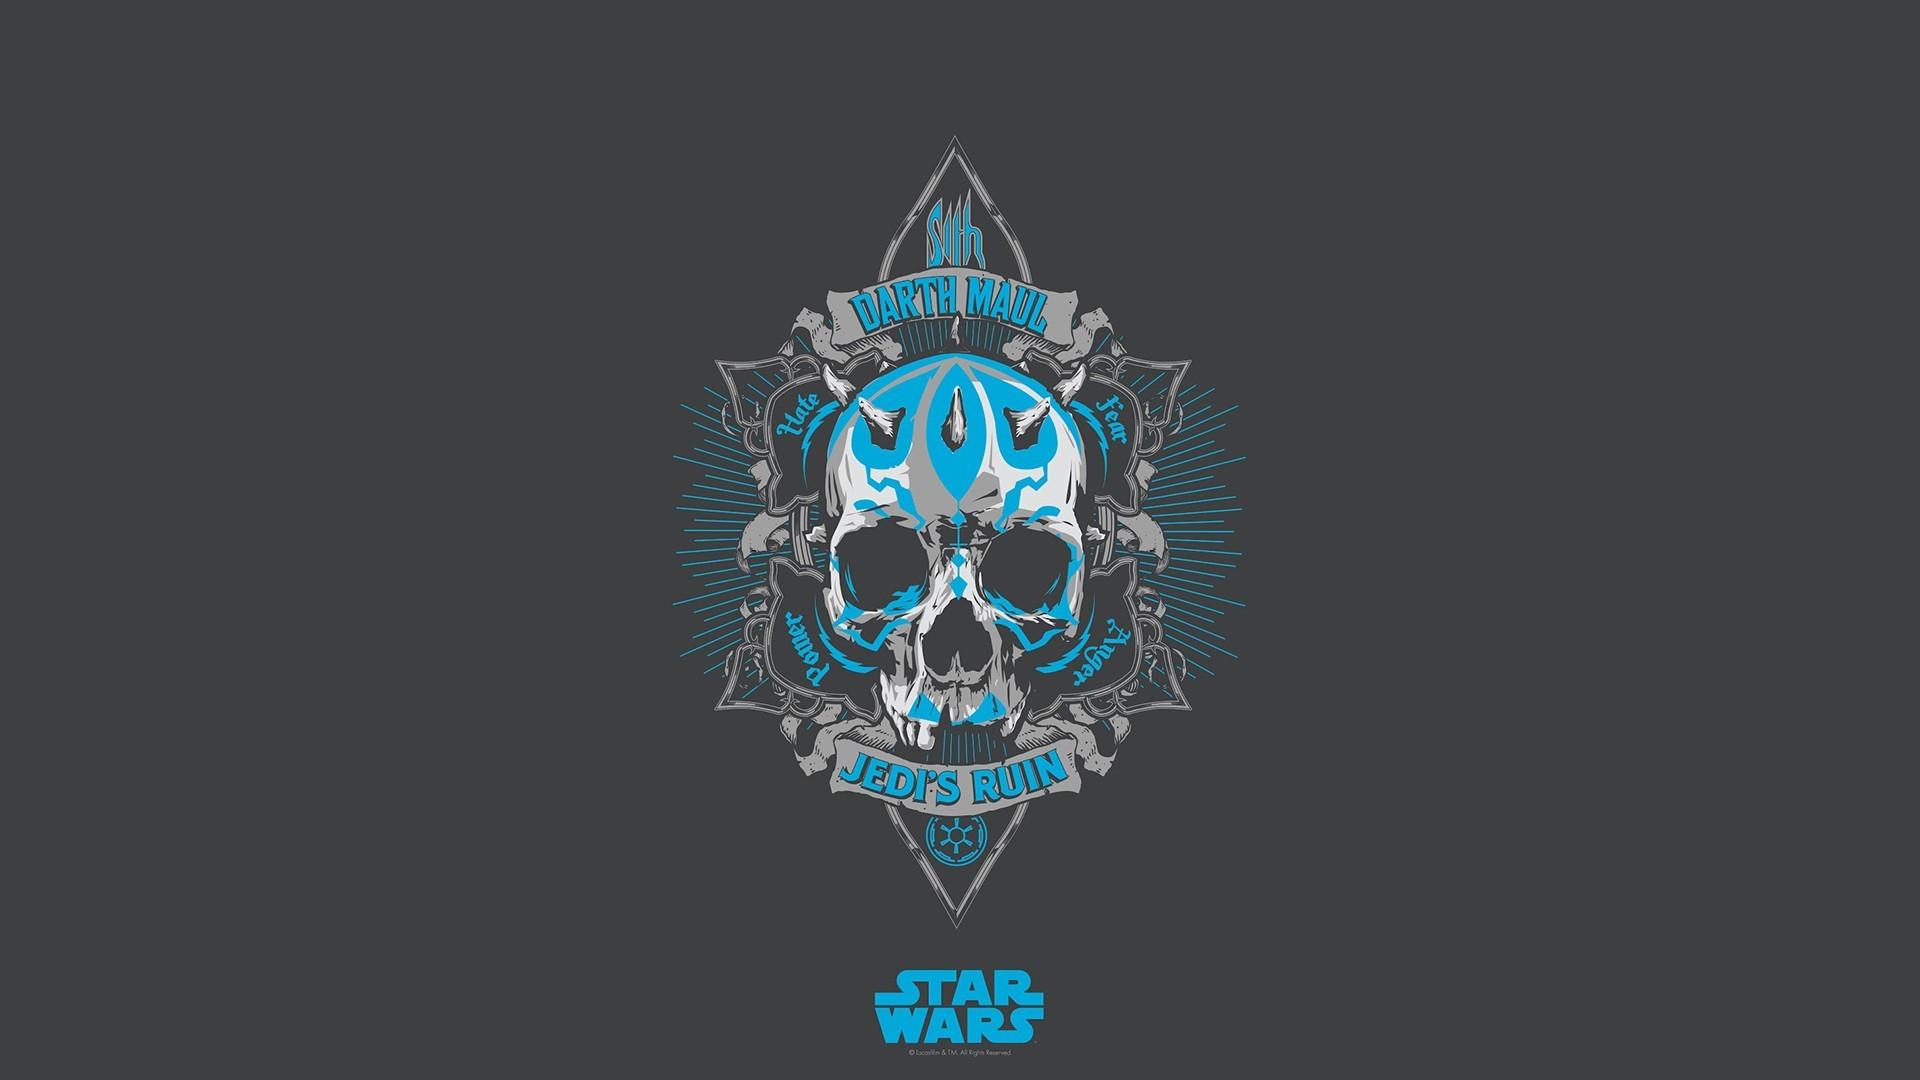 Star Wars Skull Darth Maul wallpaper | | 136959 .